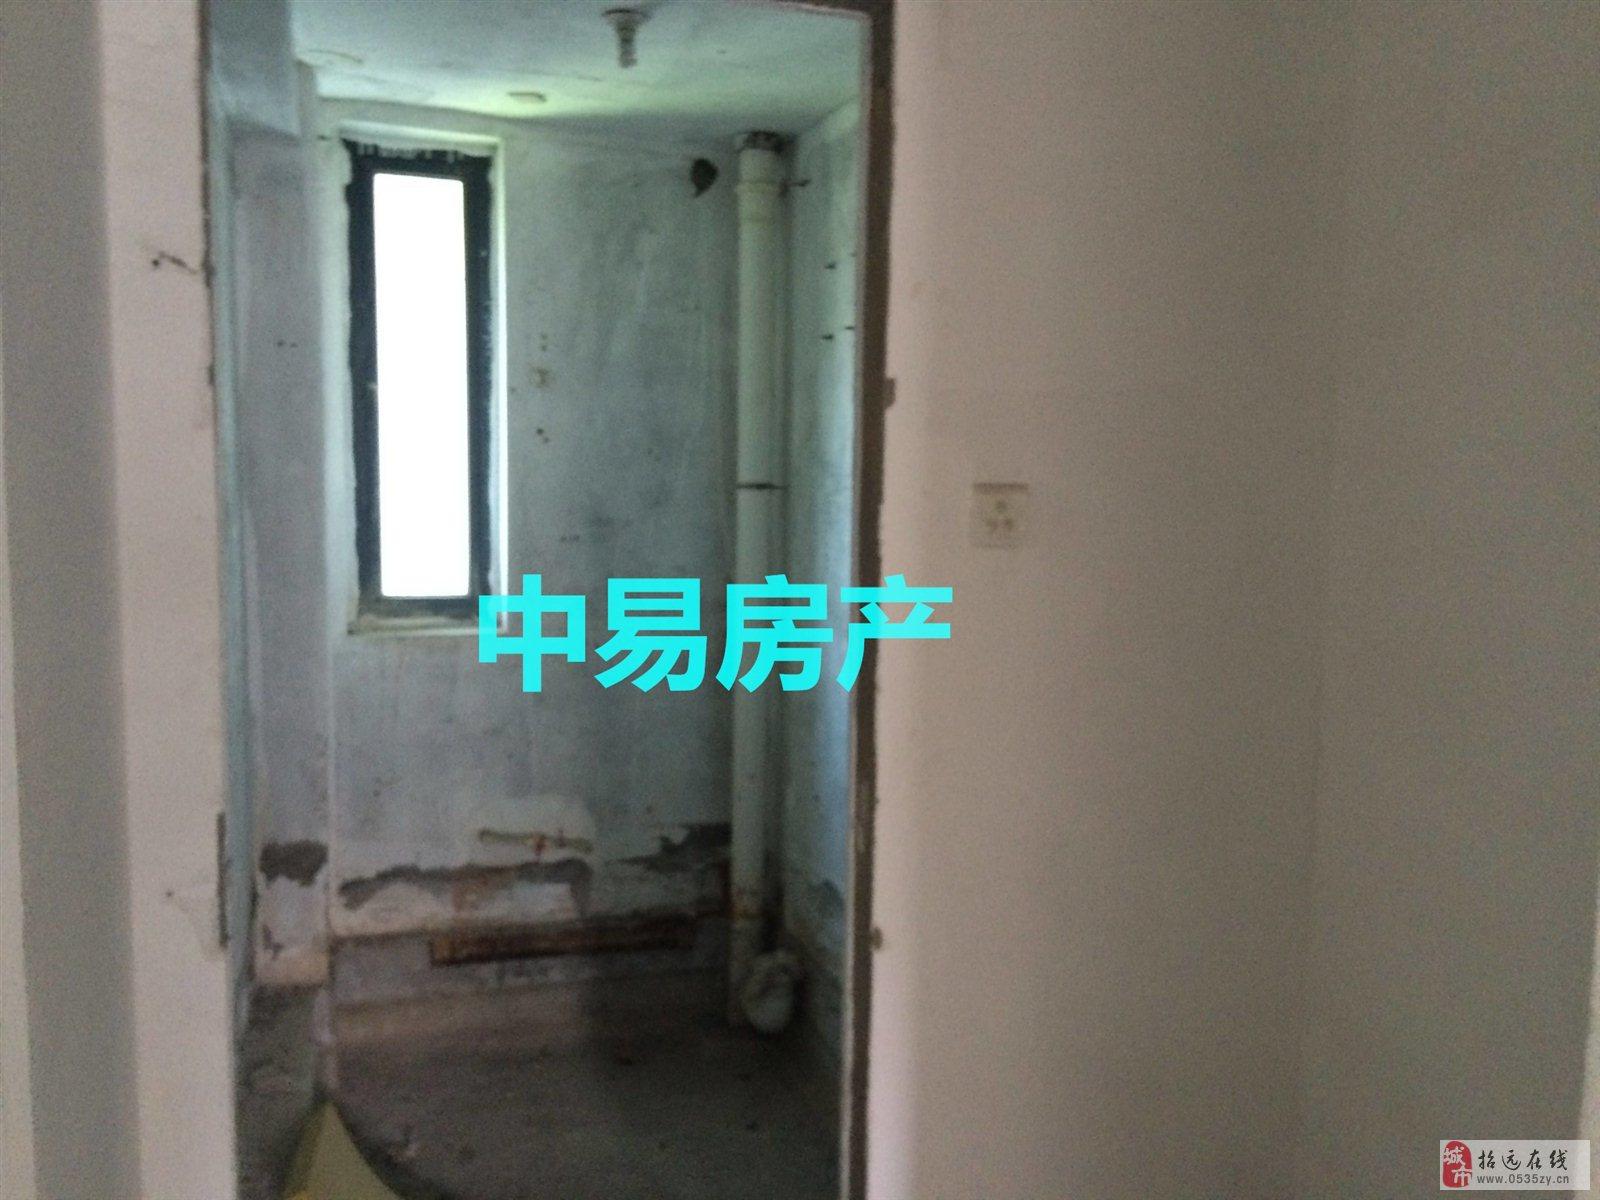 2537招远出售龙泉花园2楼132平带草屋66.5万元